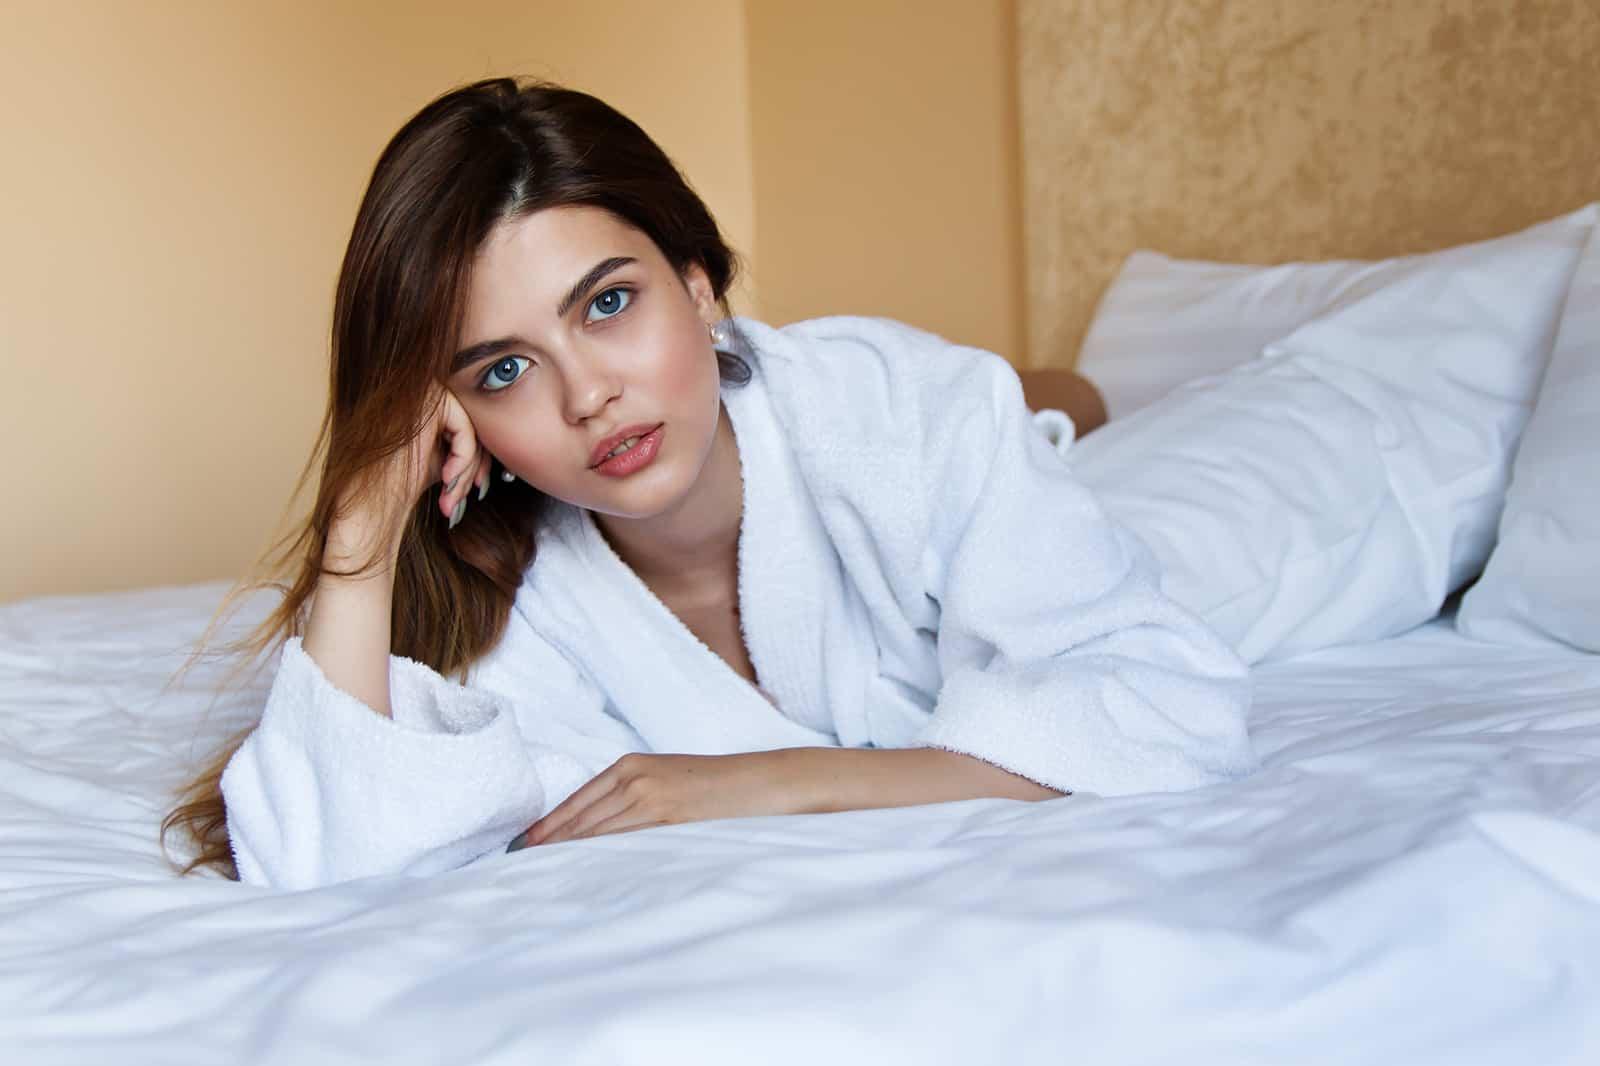 Eine Frau, die beim Nachdenken auf dem Bett liegt